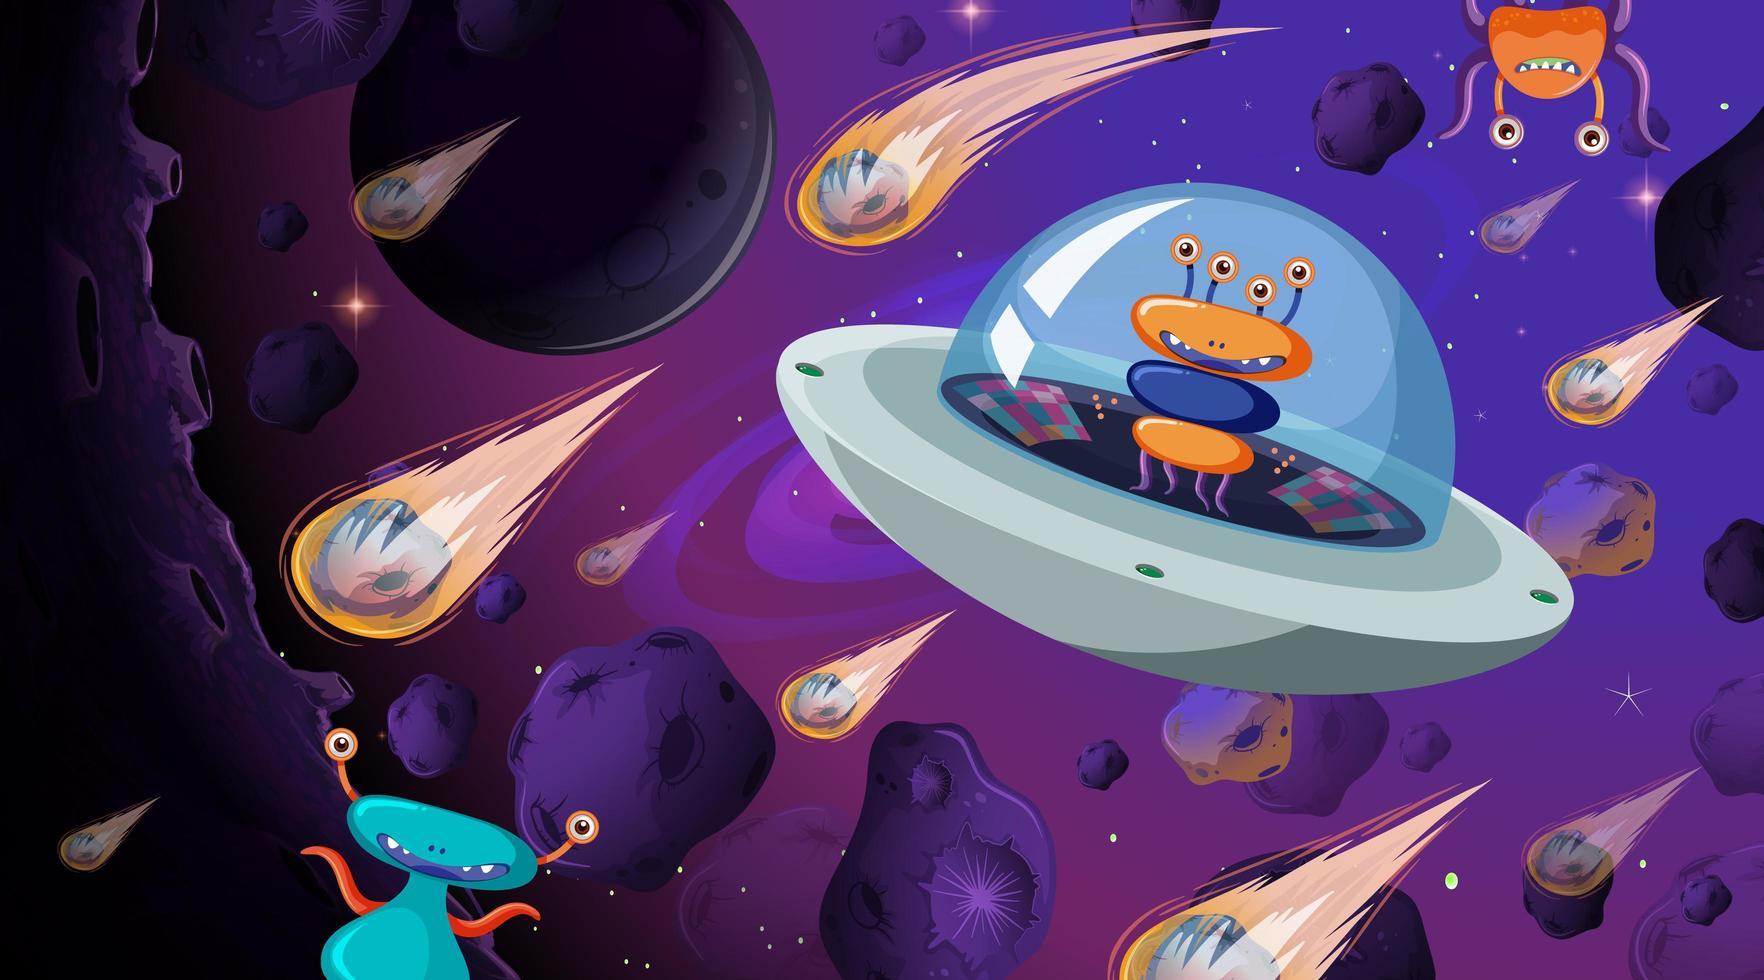 Alien im Raumschiff vektor